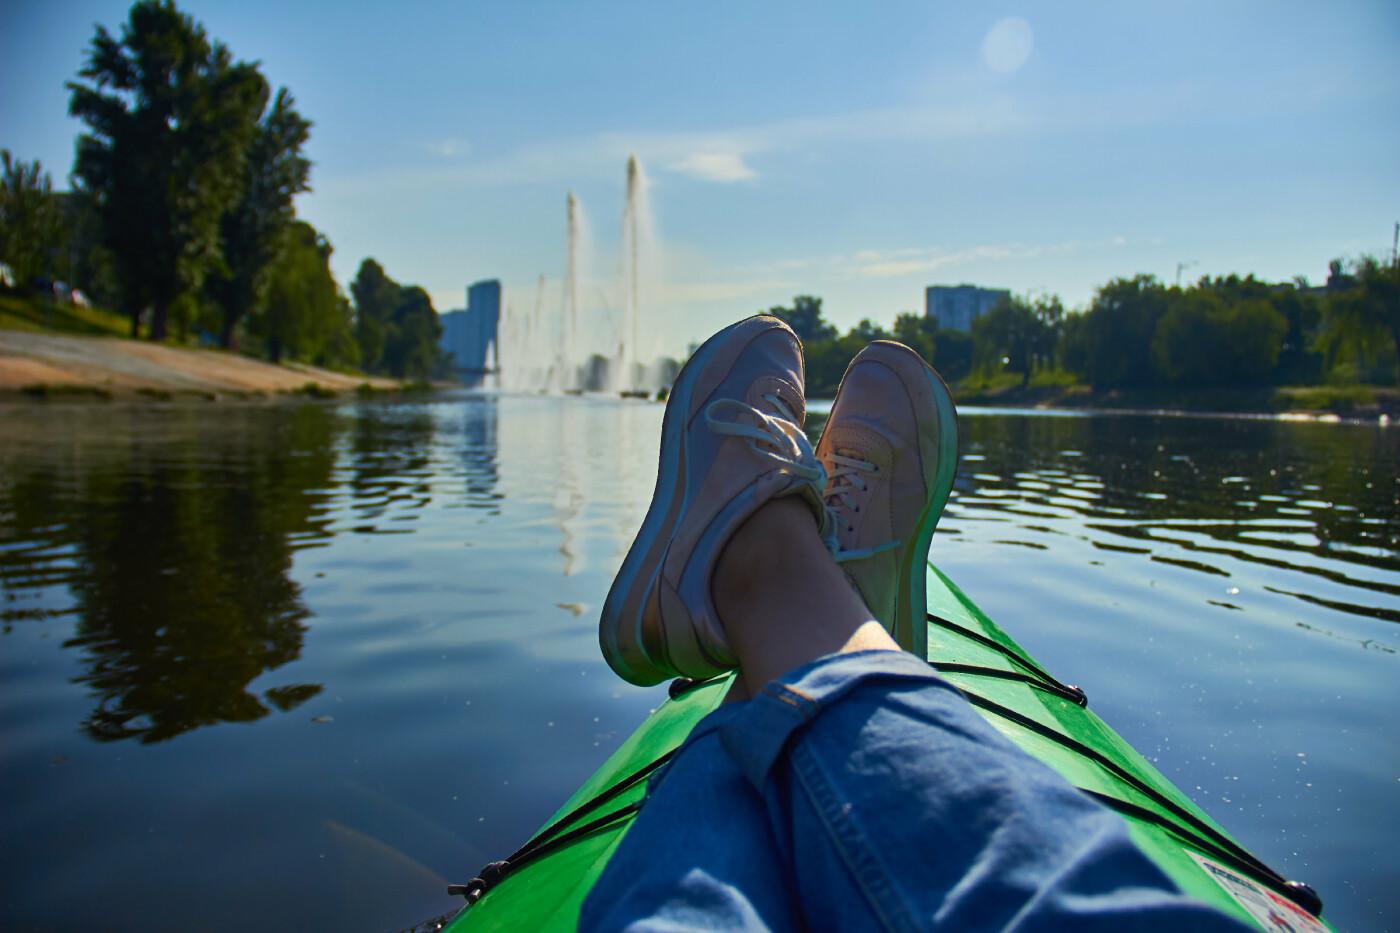 Для любителей активного отдыха - интересные варианты этого лета, фото-33